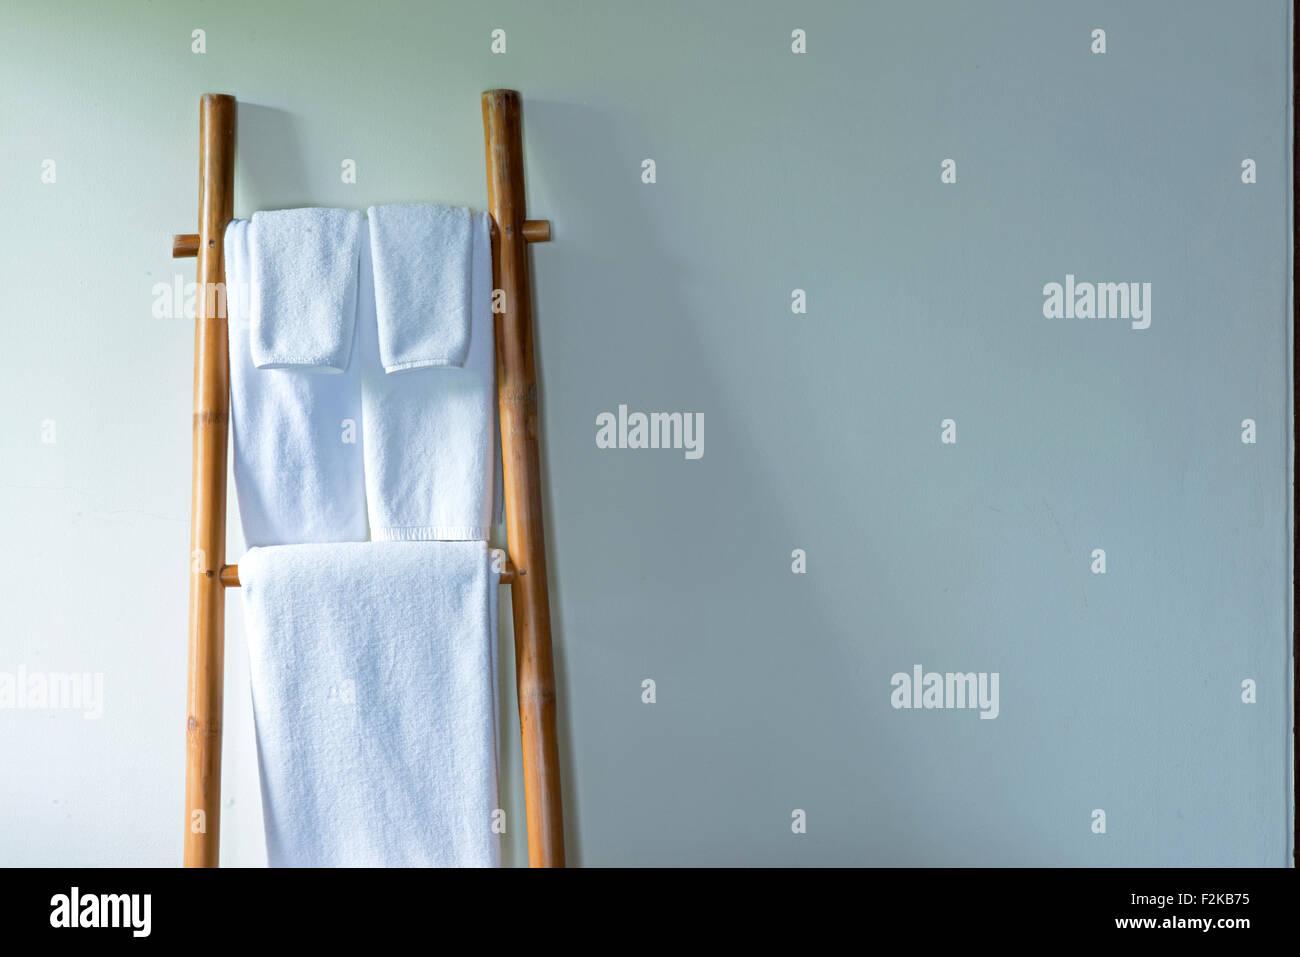 Asciugamani appesa al gancio di bambù e pronto per l'uso Immagini Stock